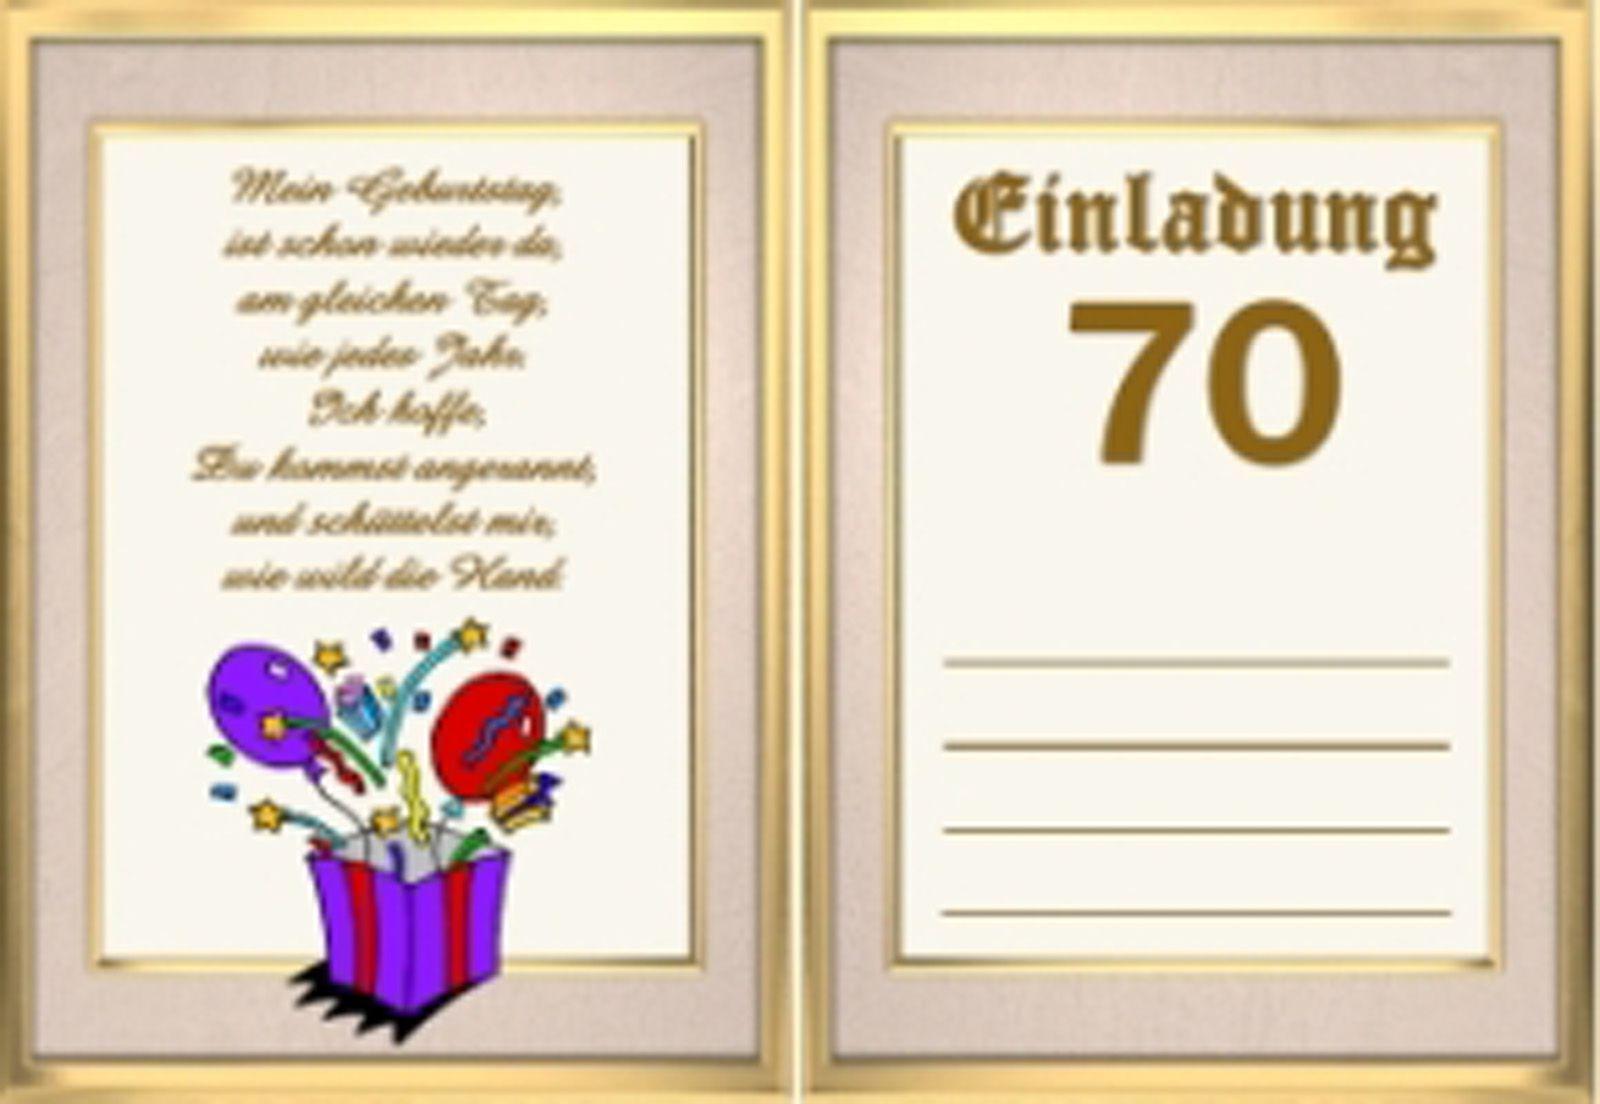 Einladungen 70 Geburtstag Vorlagen Kostenlos In 2020 Einladung